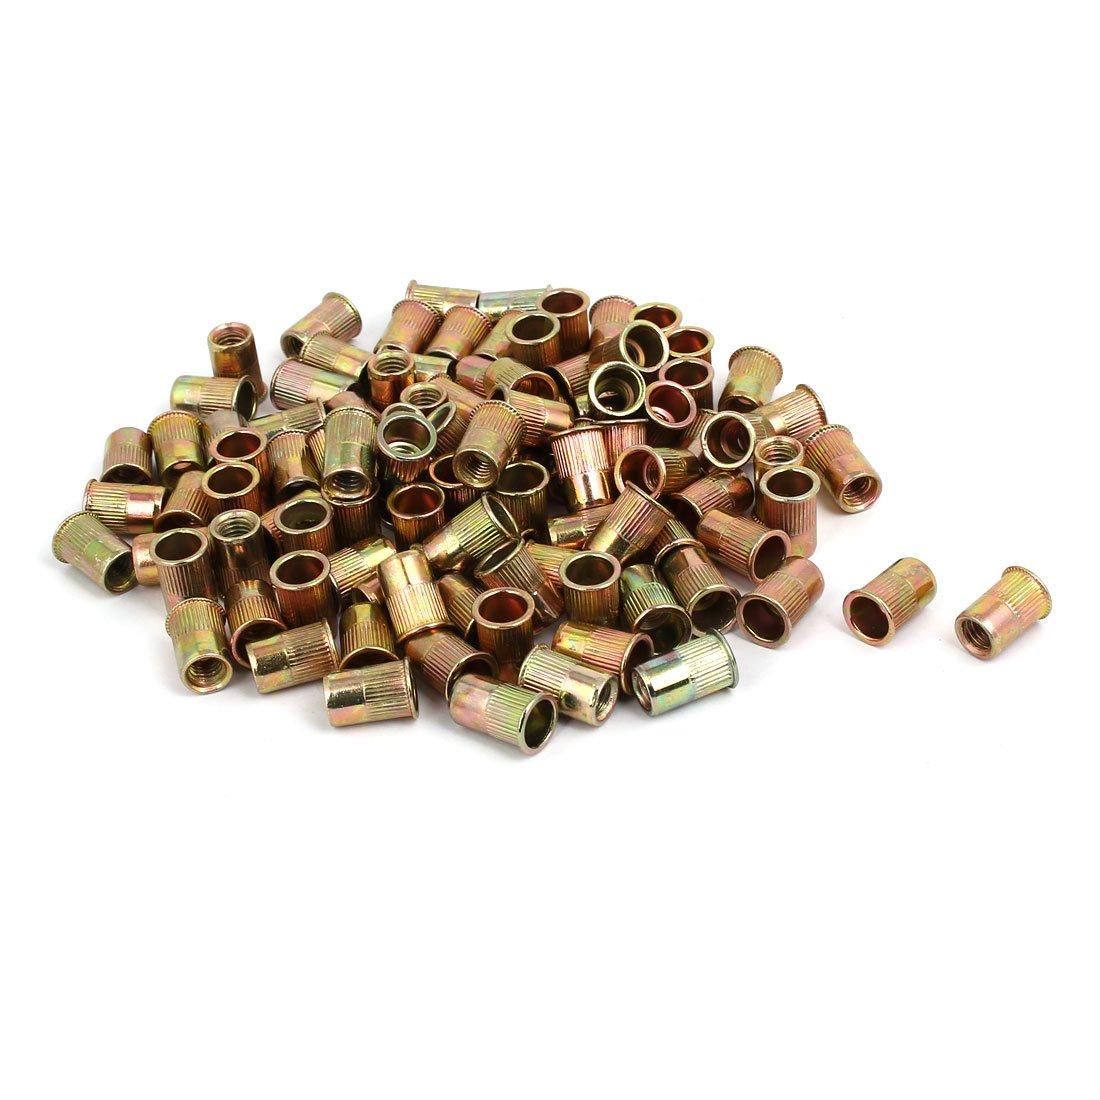 uxcell M6x14mm Metal Flat Head Knurled Body Rivet Nut Insert Nutserts Bronze Tone 100pcs